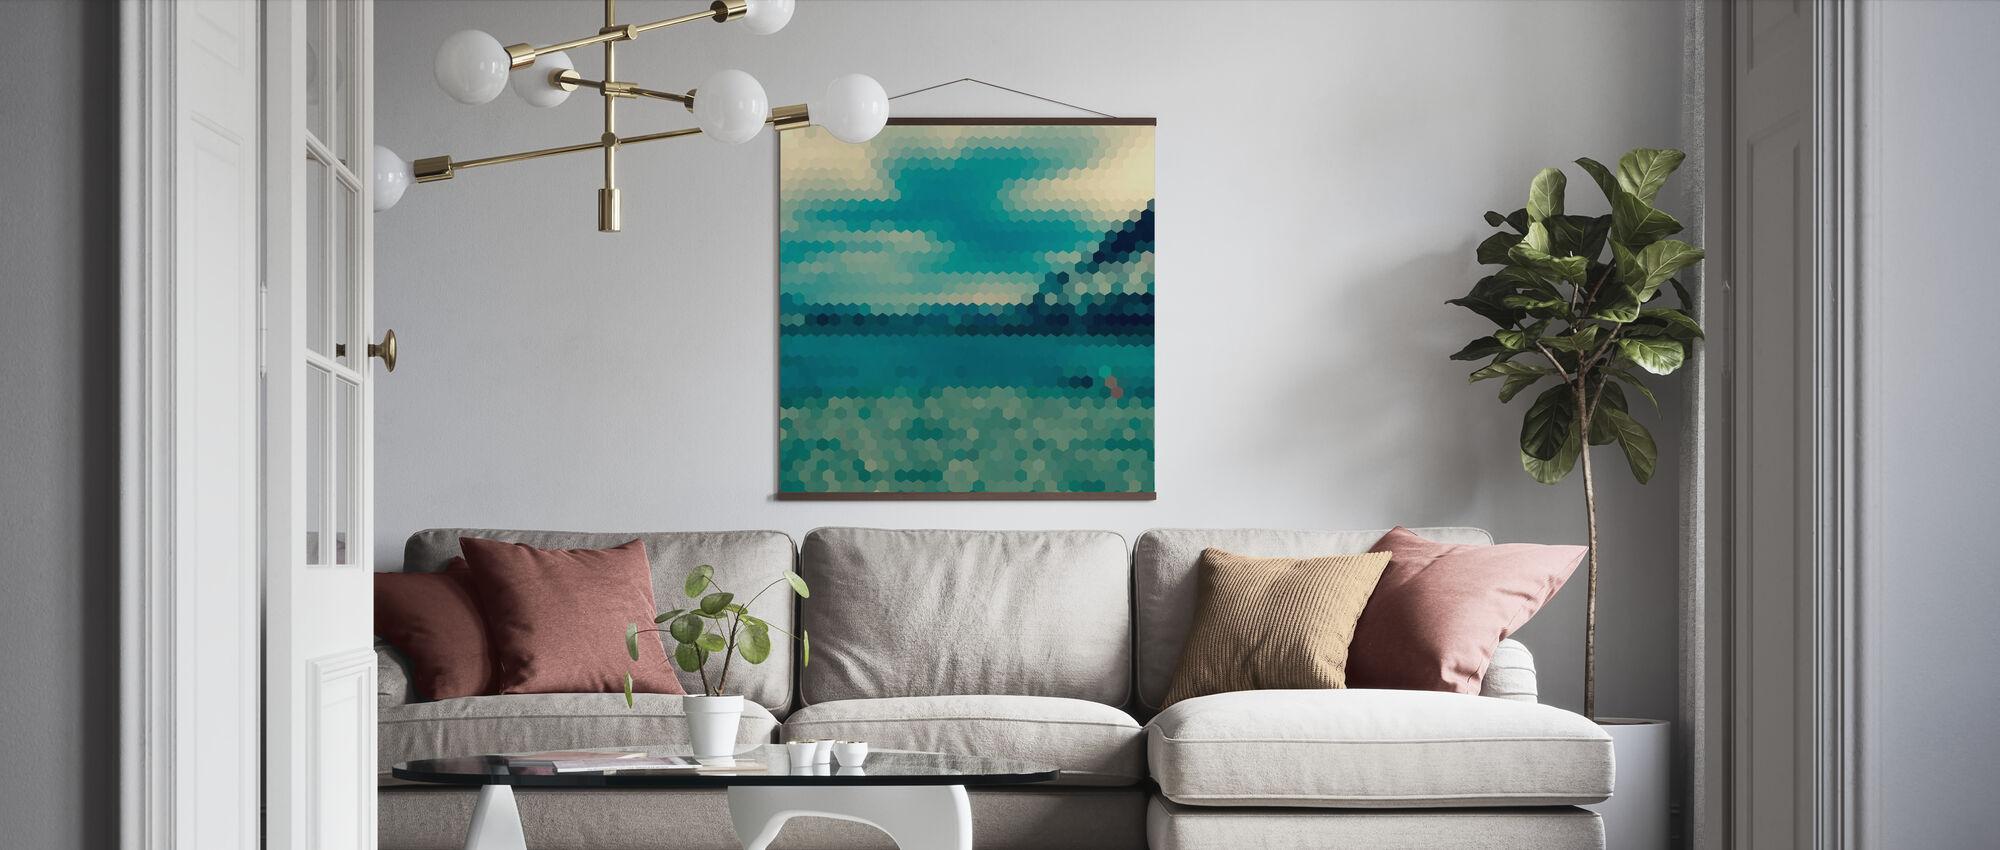 Hexagon landschap patroon - Poster - Woonkamer